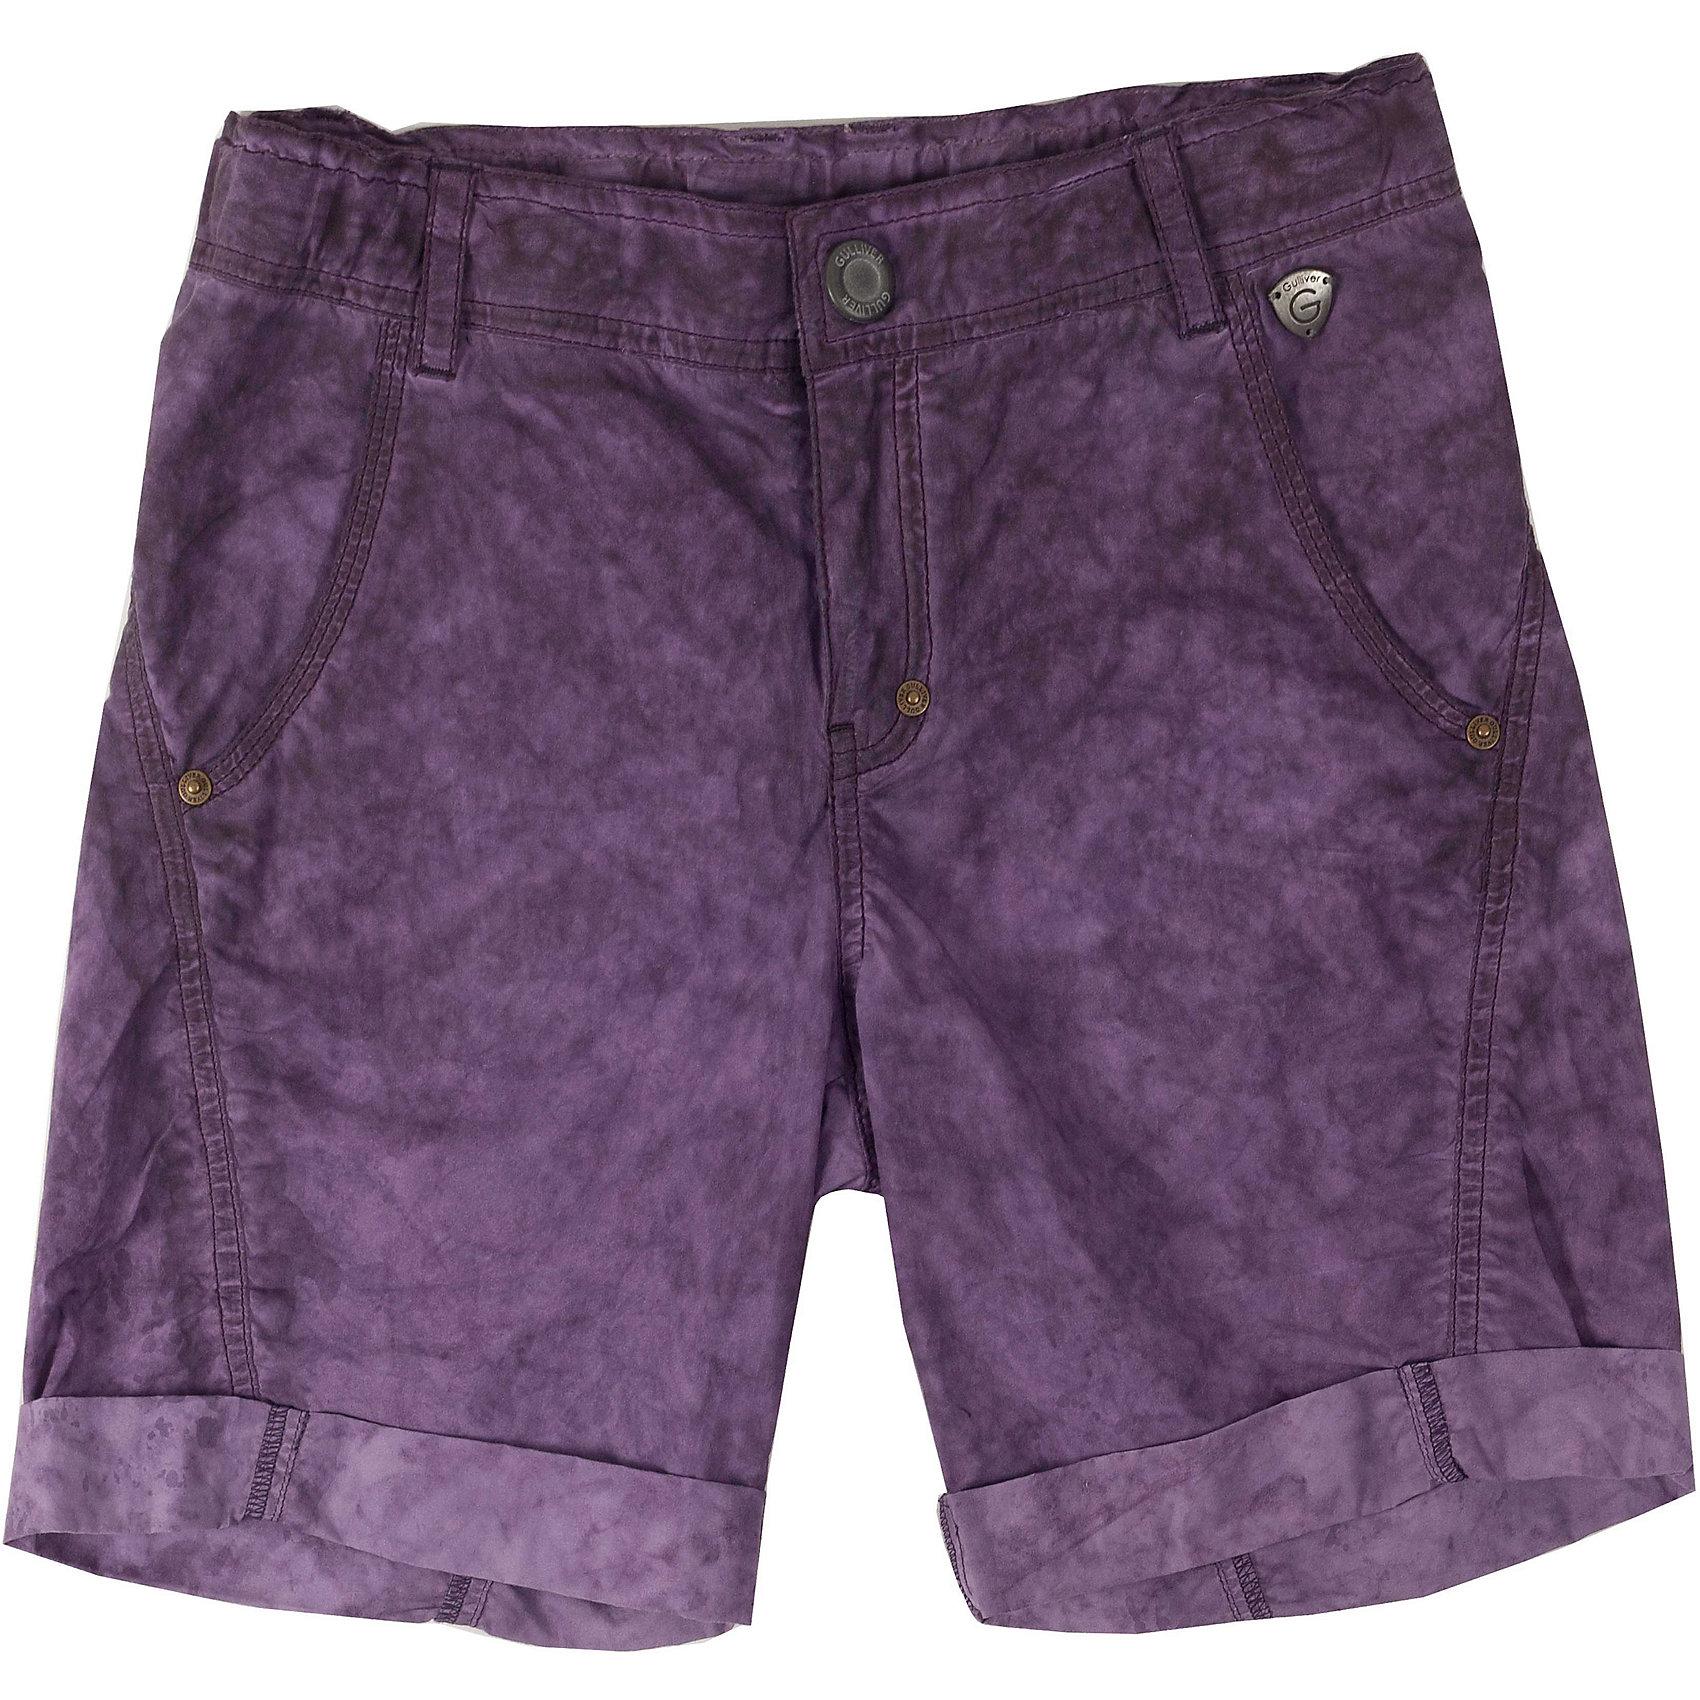 Шорты для мальчика GulliverЦветные шорты для мальчика - хит сезона Весна-Лето 2016. Модный цвет, специальная варка изделия, создающая эффект легкой потертости, состаренности изделия, интересный удобный крой делают эту модель незаменимым атрибутом прогулочного гардероба ребенка. Вы хотите купить стильные комфортные шорты на каждый день для лагеря или дачи? Модель, выполненная из мягкого цветного текстиля - оптимальное решение для практичного летнего гардероба стильного активного мальчика.<br>Состав:<br>100% хлопок<br><br>Ширина мм: 191<br>Глубина мм: 10<br>Высота мм: 175<br>Вес г: 273<br>Цвет: фиолетовый<br>Возраст от месяцев: 132<br>Возраст до месяцев: 144<br>Пол: Мужской<br>Возраст: Детский<br>Размер: 152,128,146,158,140,134<br>SKU: 4534325